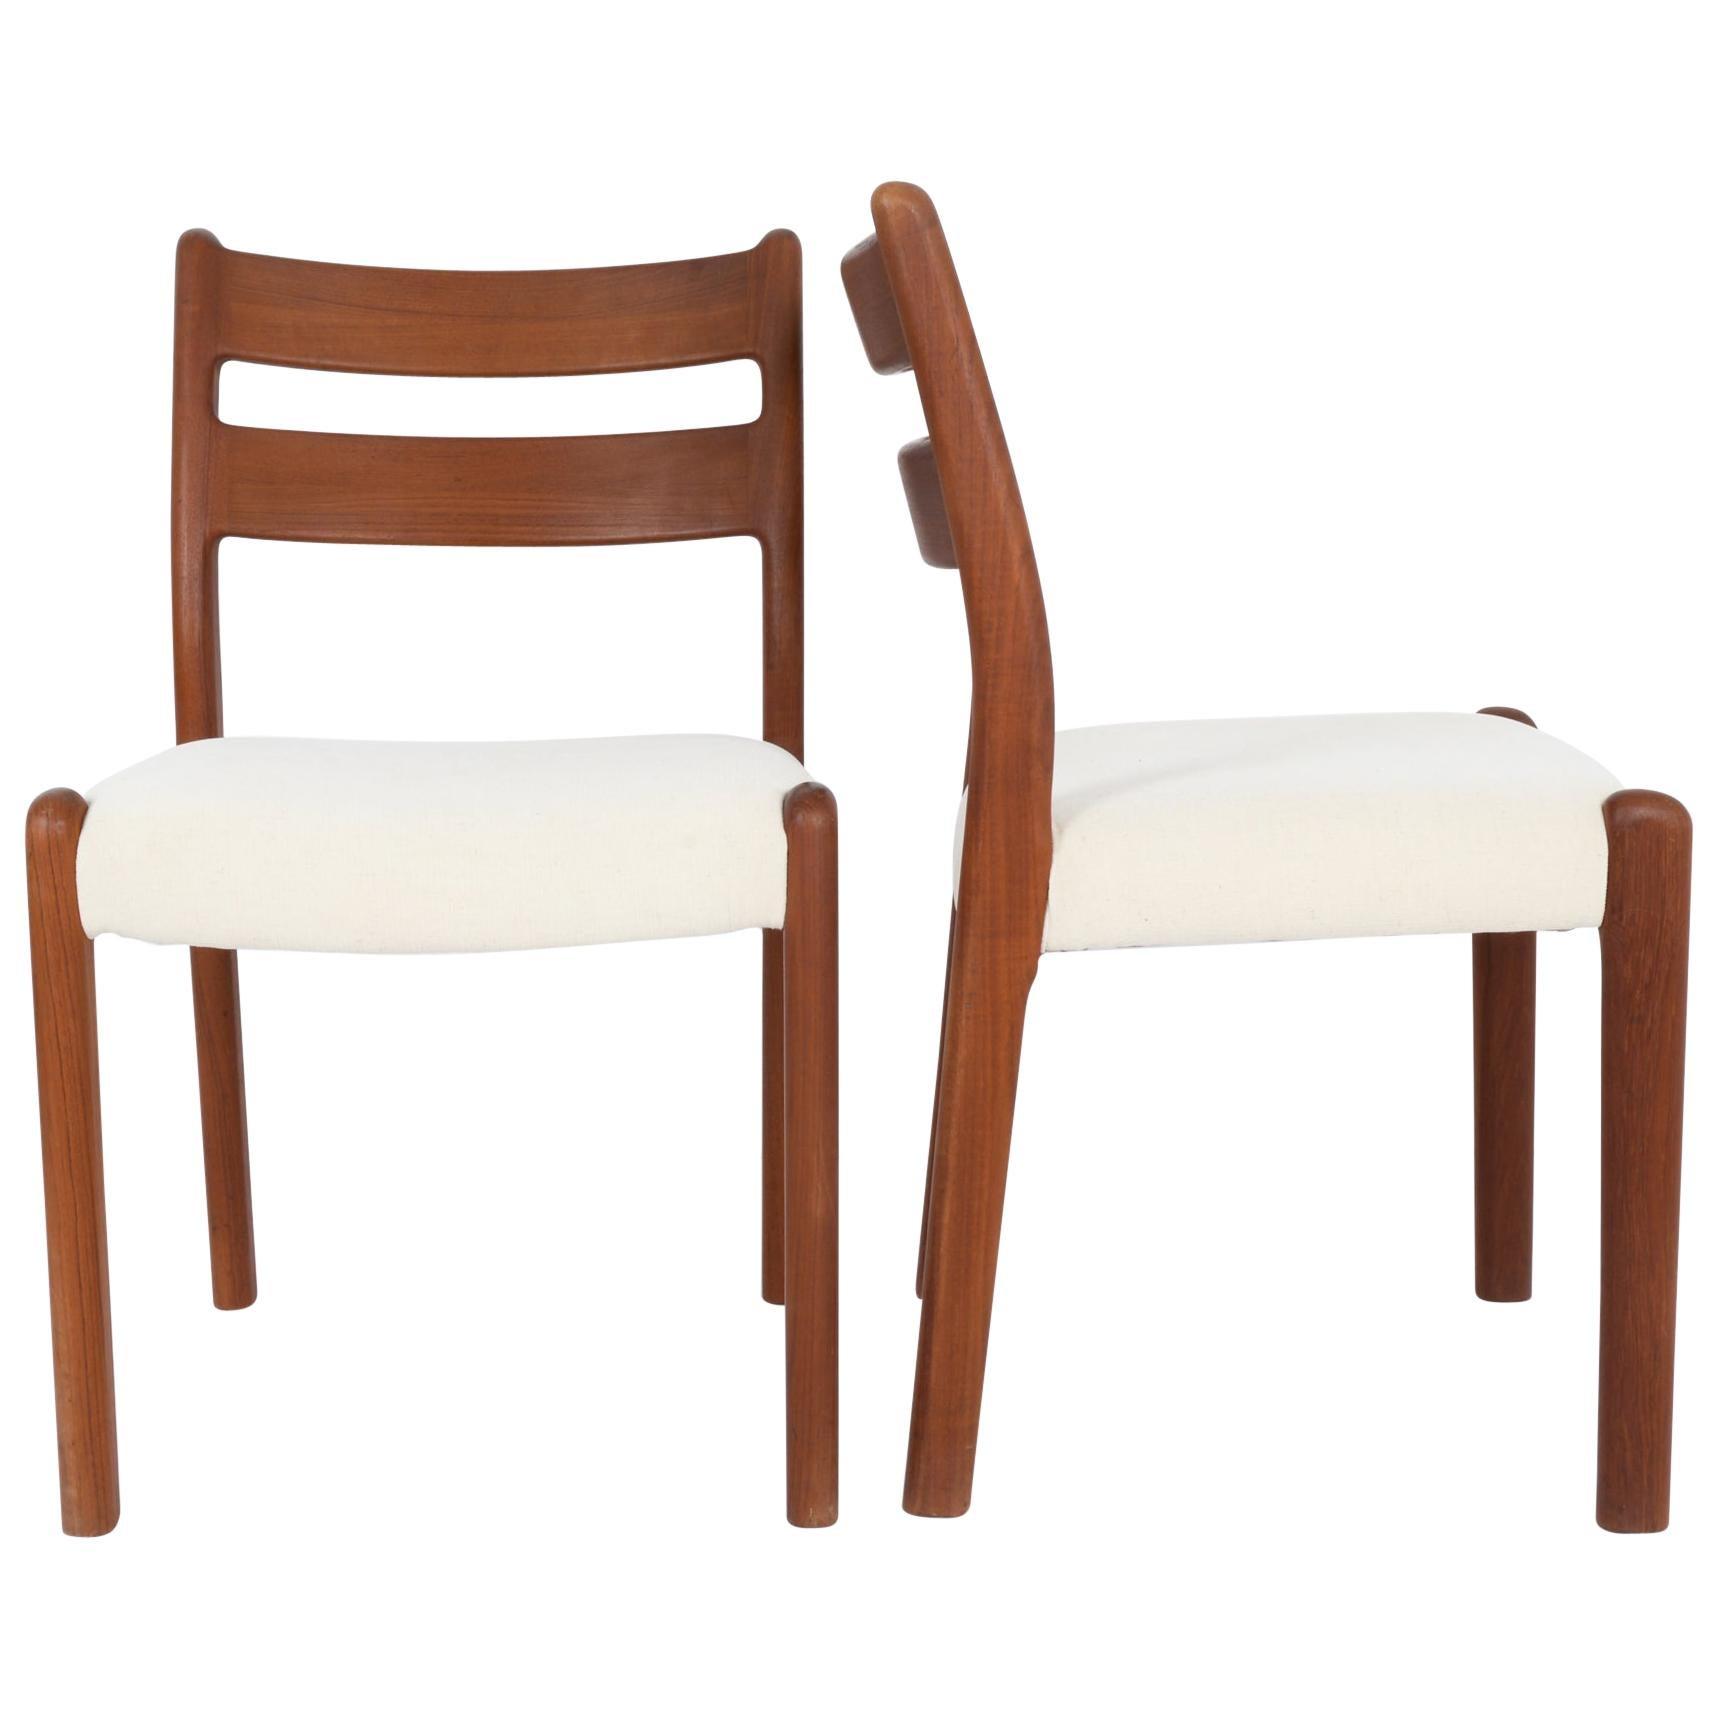 1970s Danish Teak Chairs, a Pair